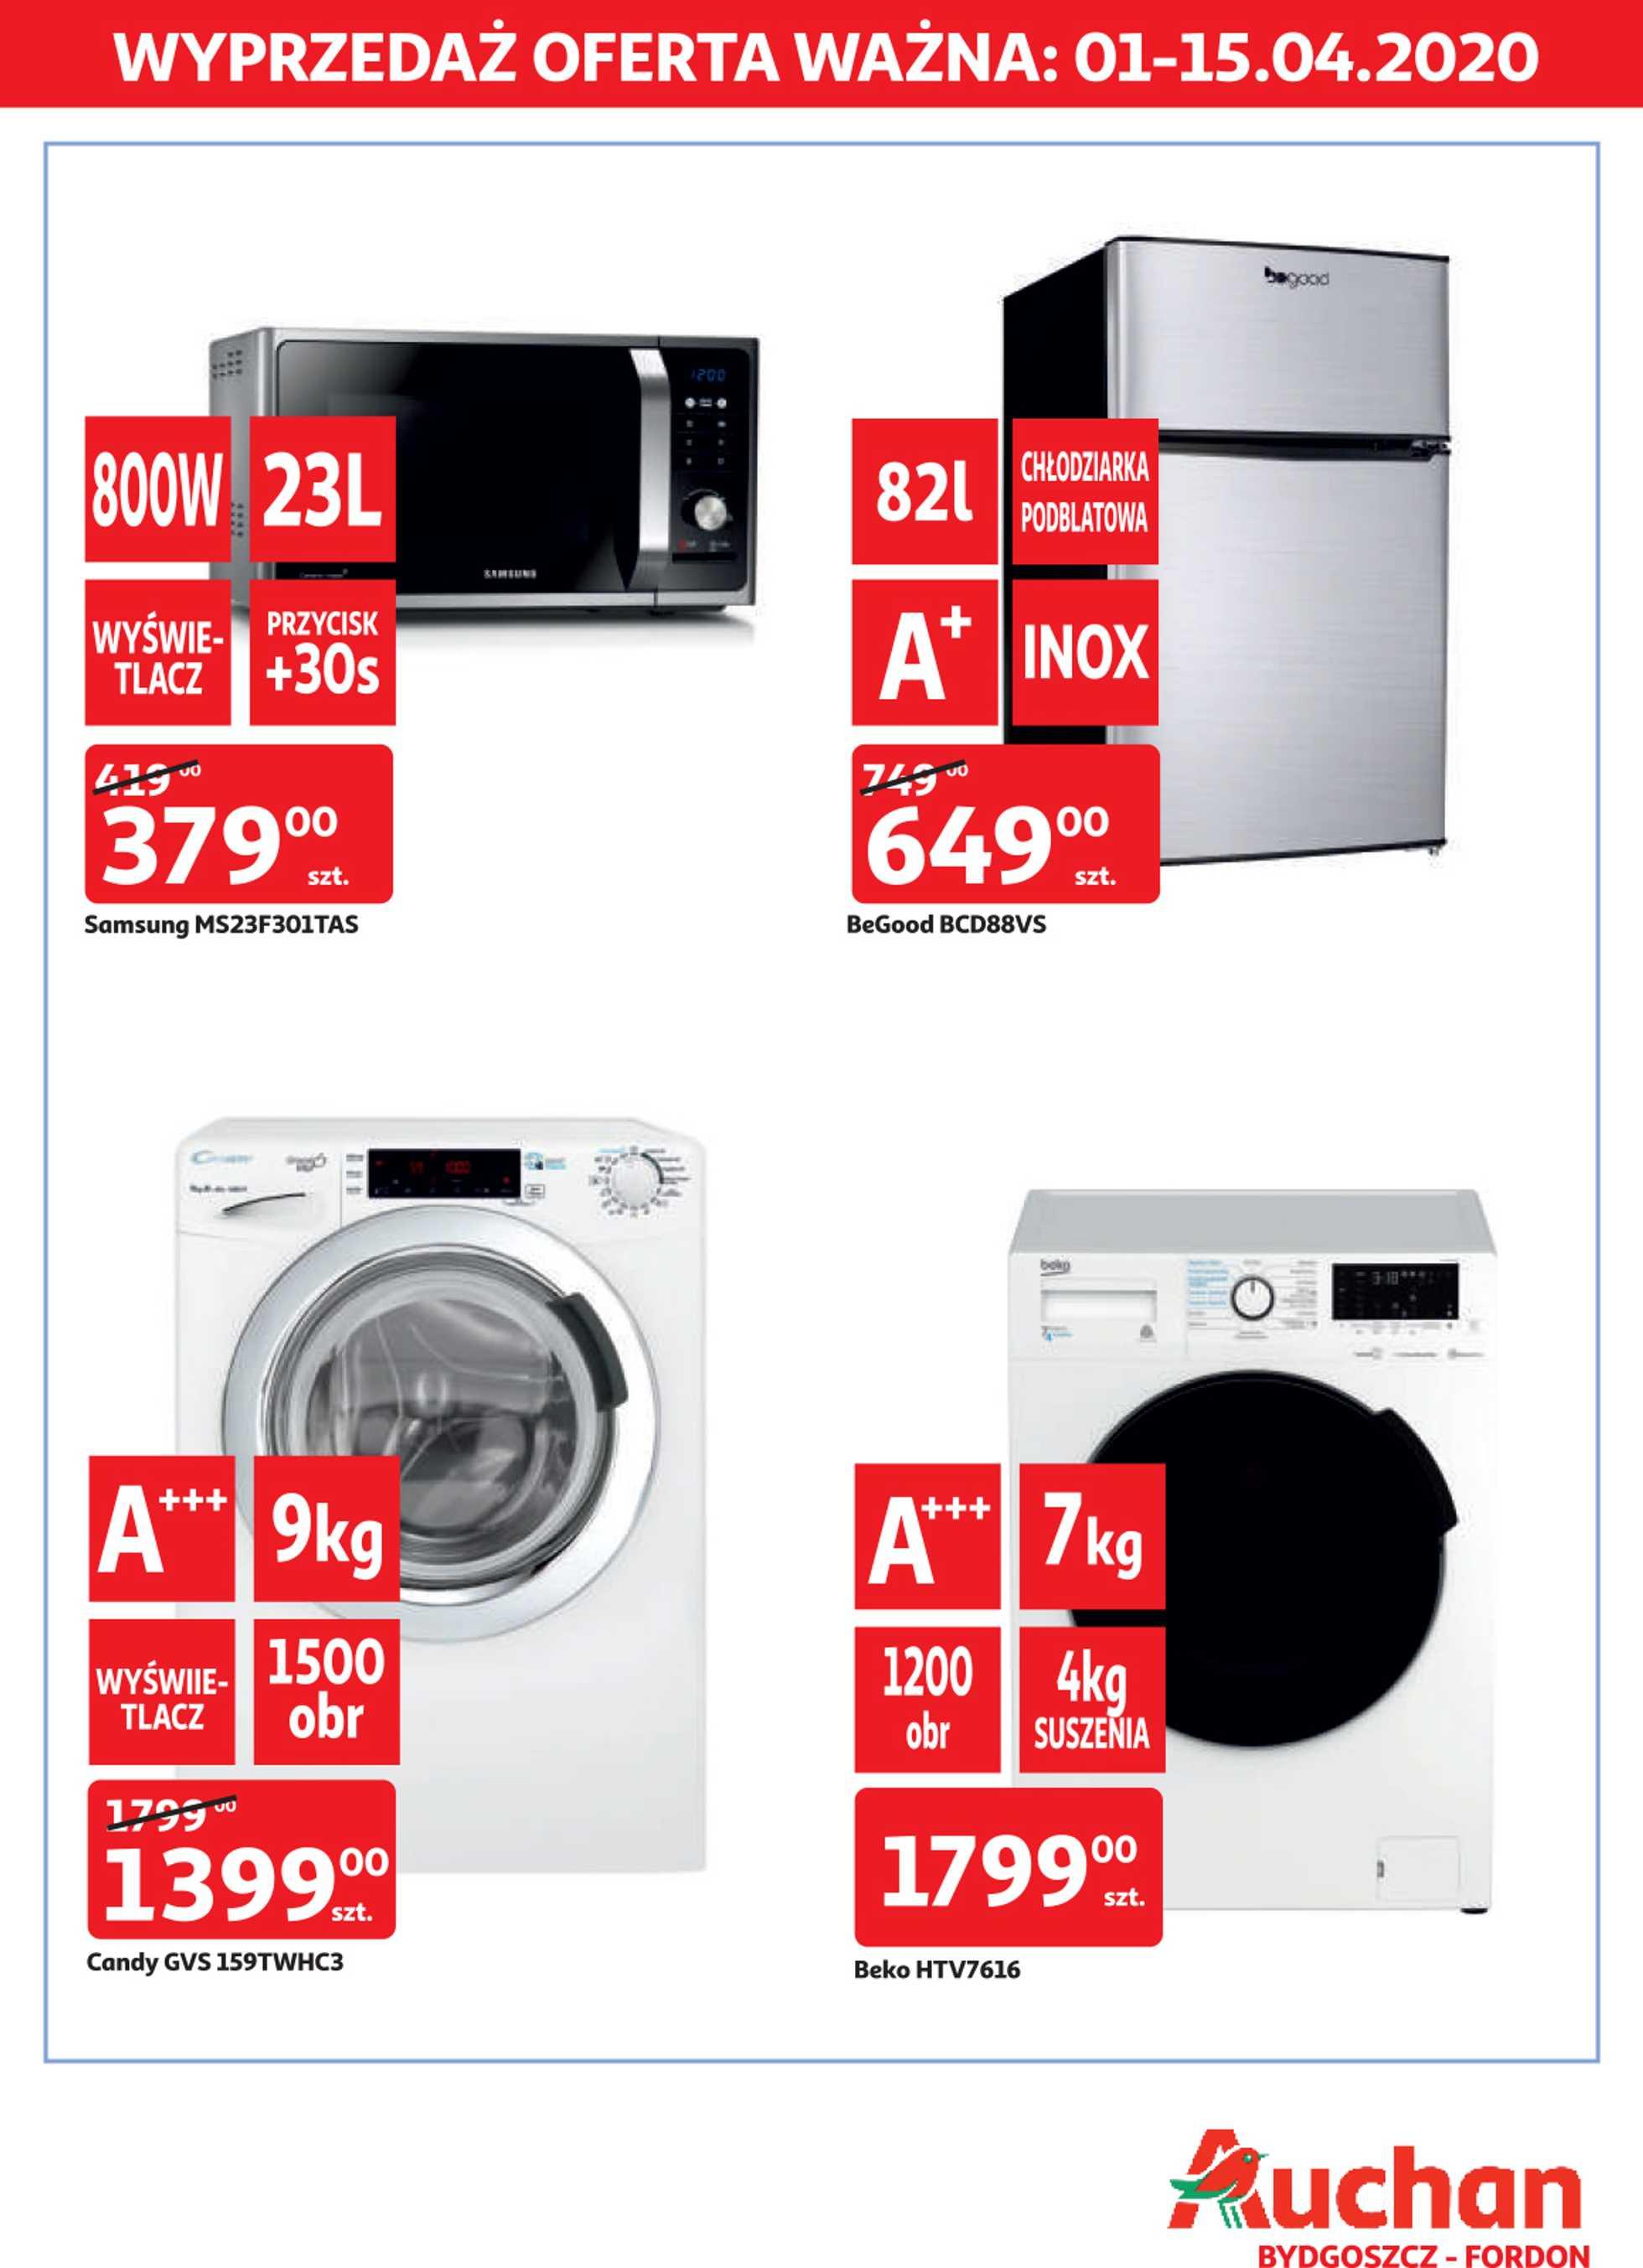 Auchan - gazetka promocyjna ważna od 01.04.2020 do 15.04.2020 - strona 1.